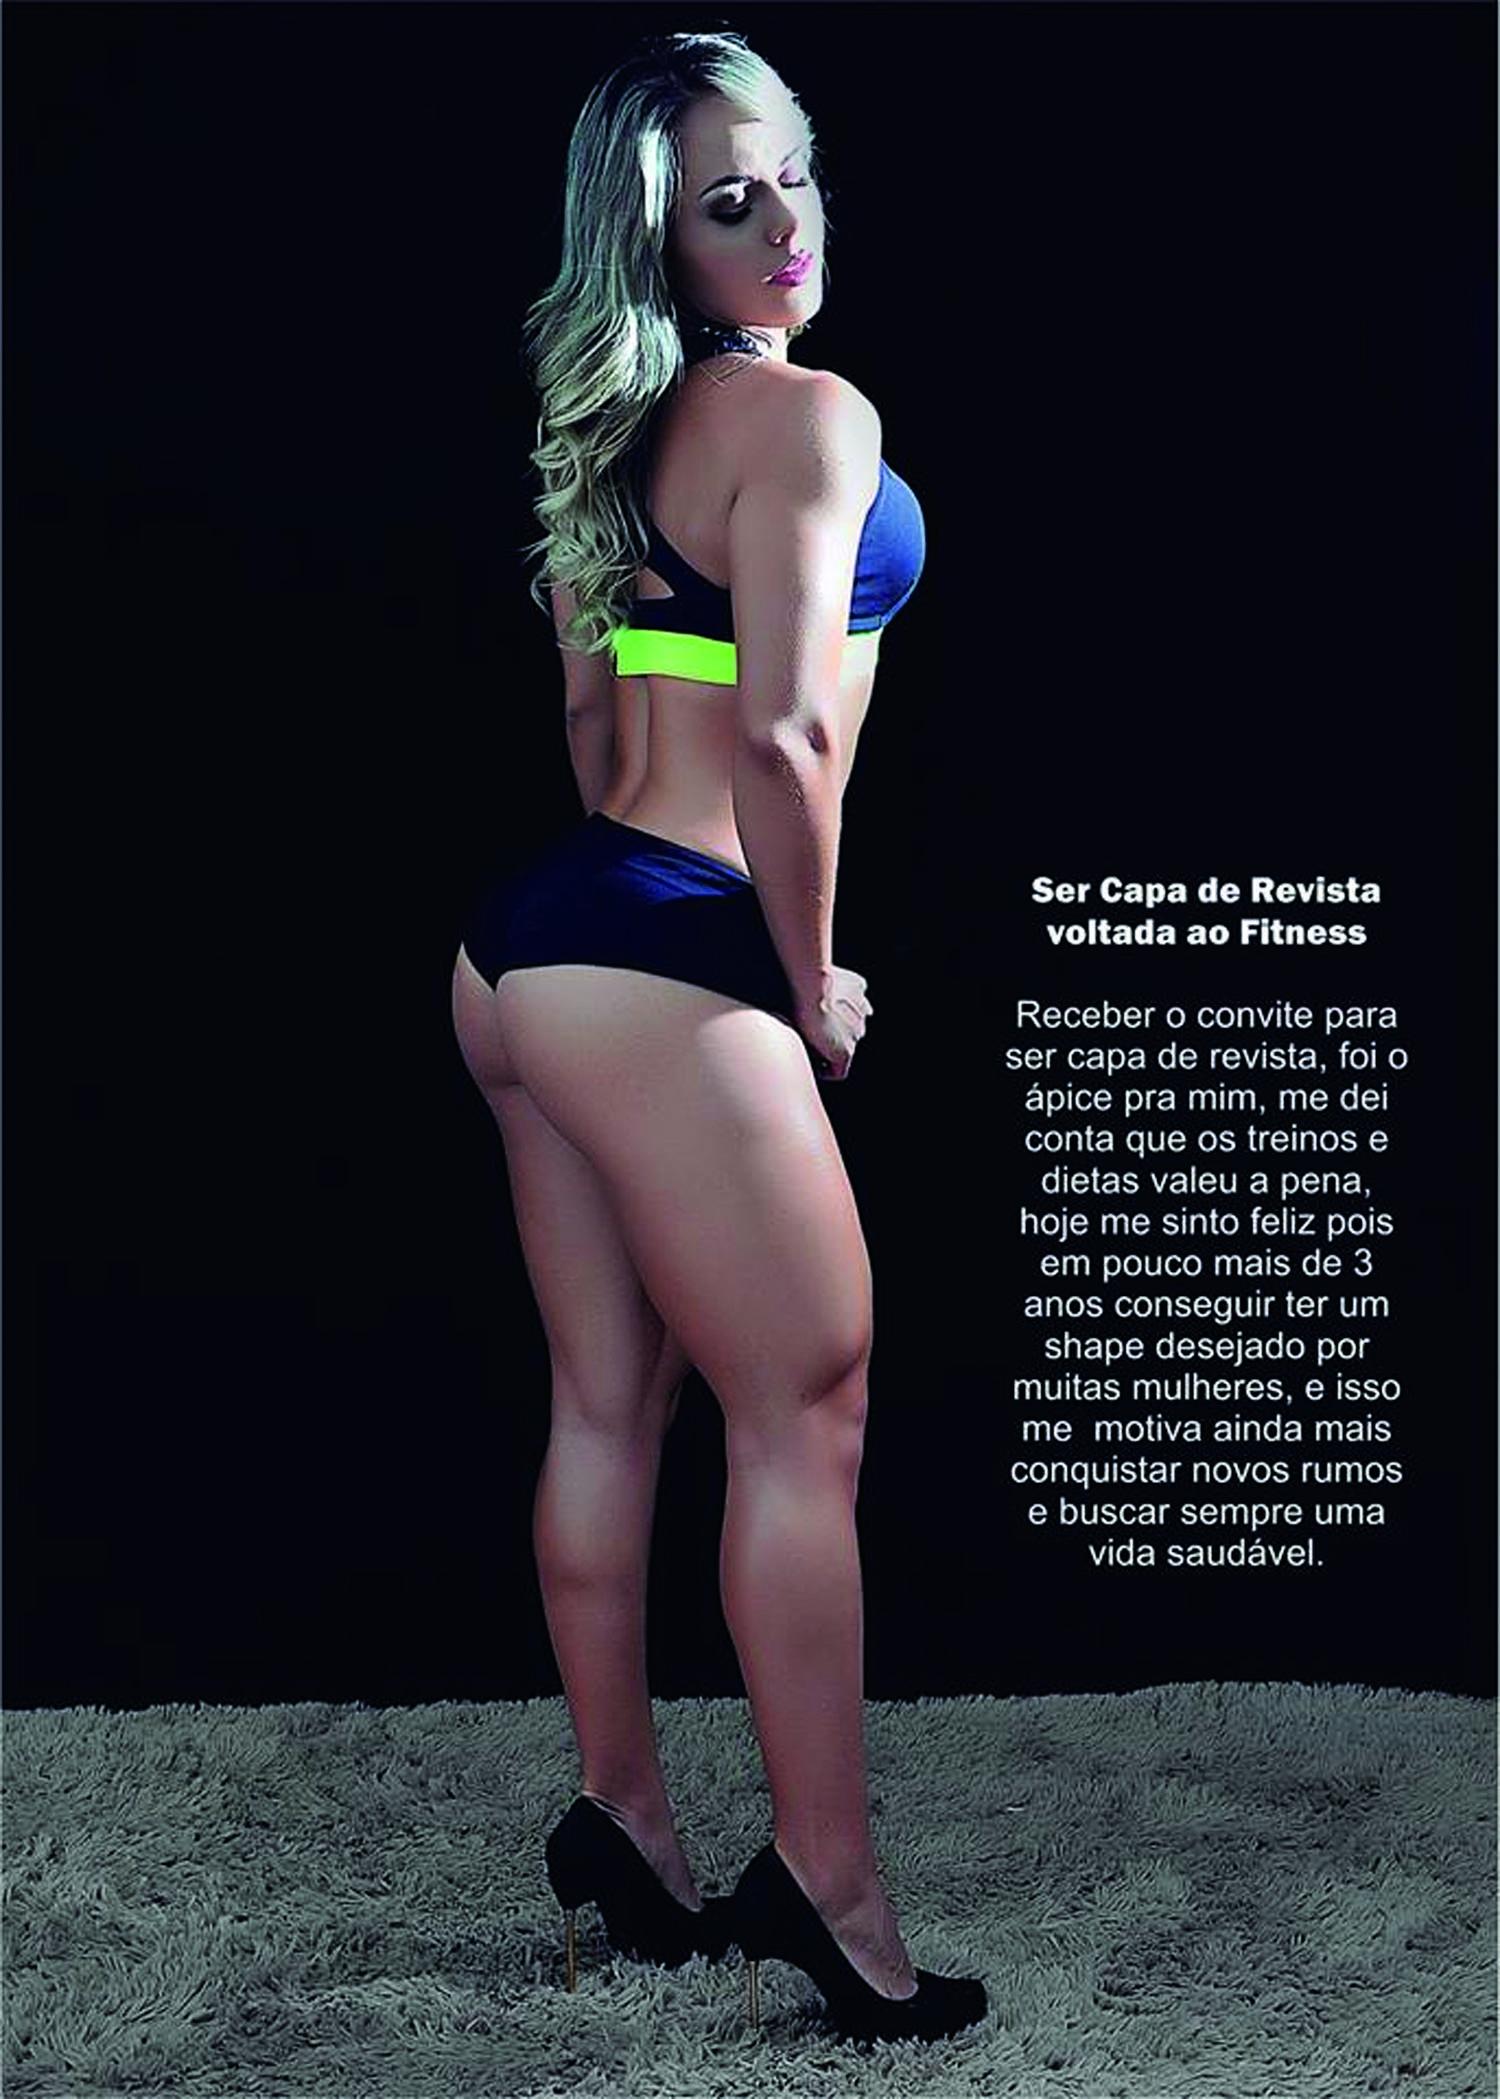 Confira o Ensaio fotográfico da modelo Sueli Ribas capa da Revista Vida Fit